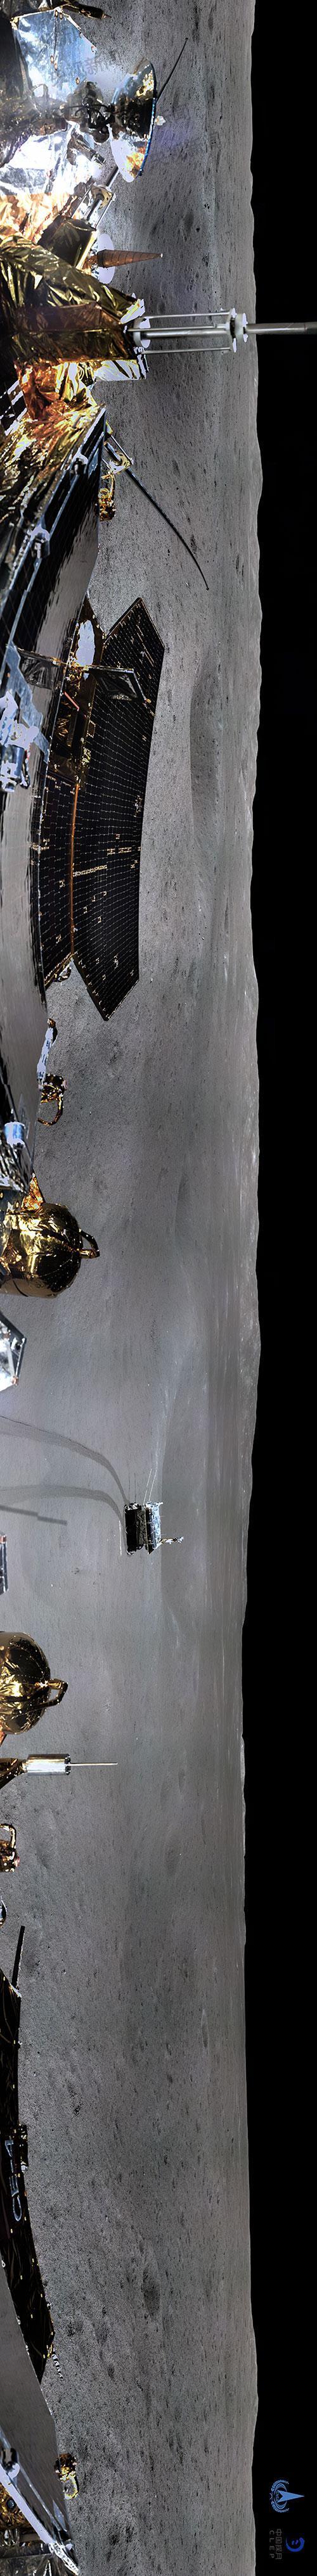 世界上第一张月球背面全景图